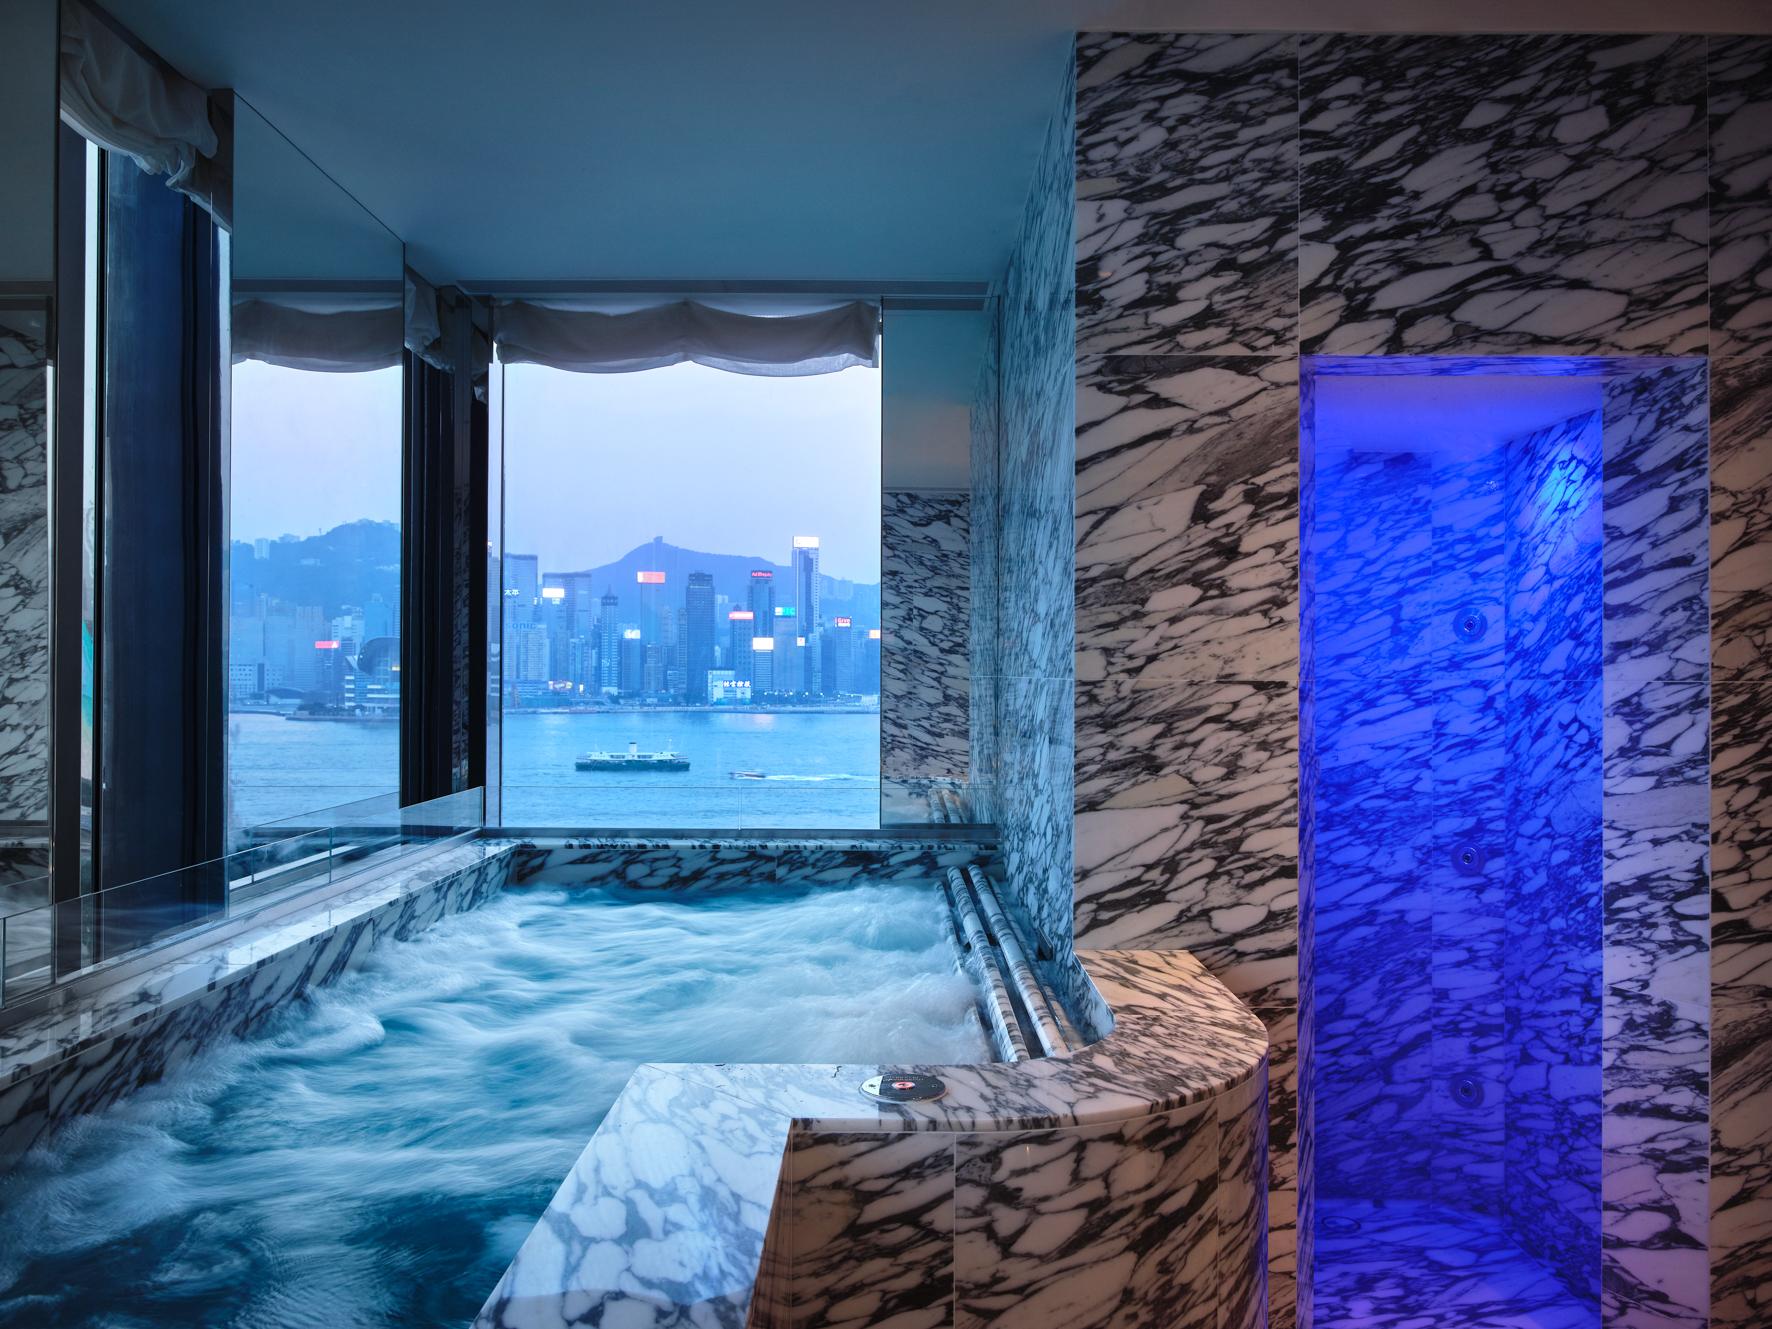 Hydrotherapy pool Asaya Hong kOng